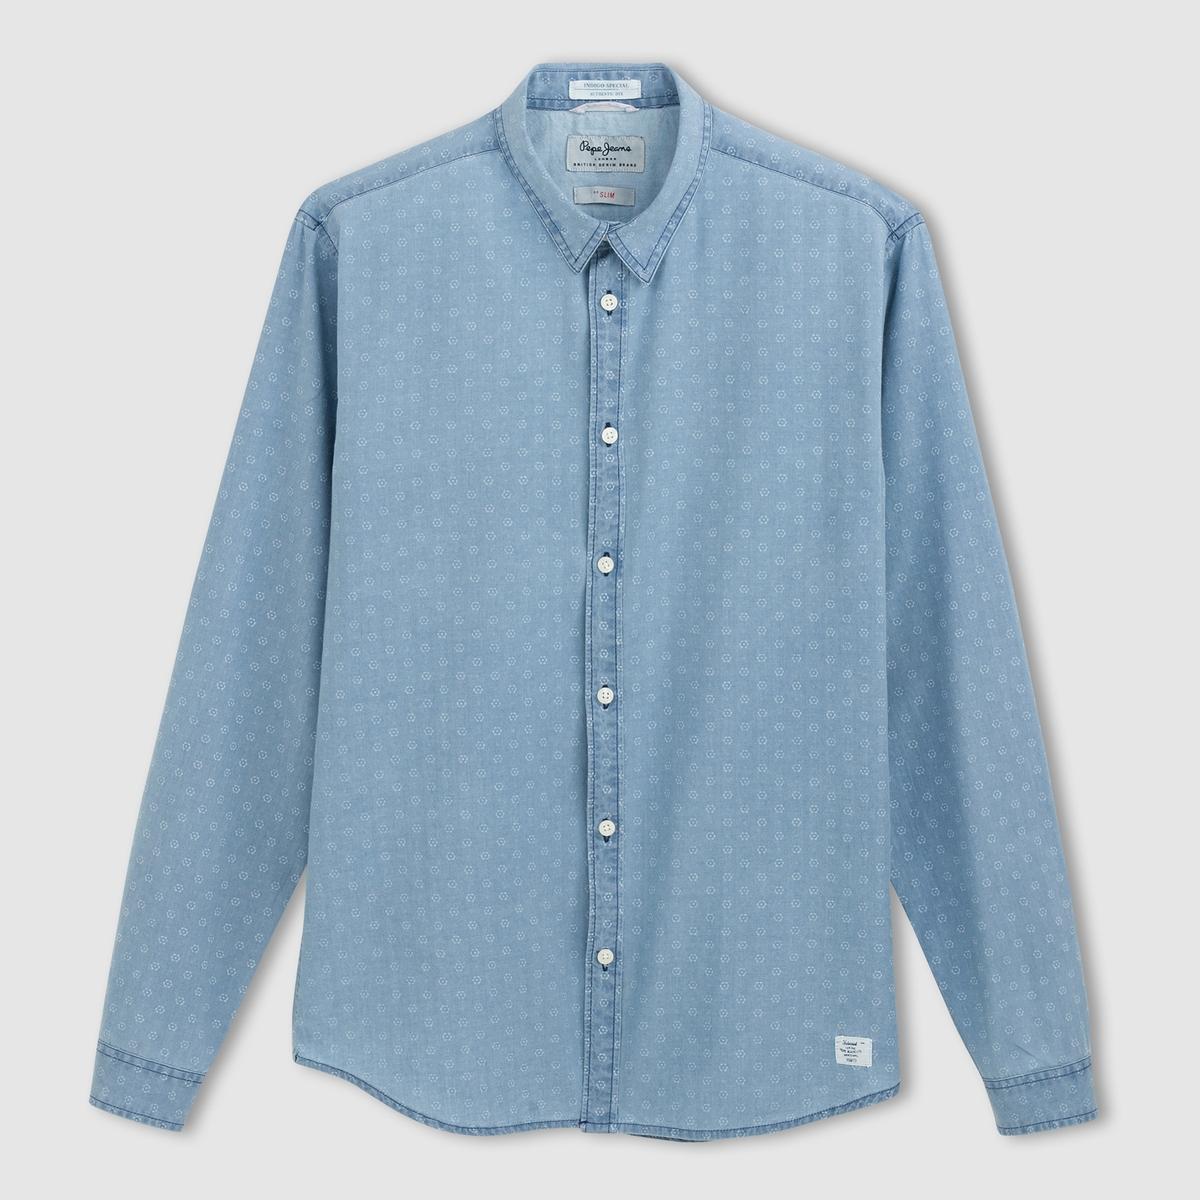 Рубашка с длинными рукавами CAUFIELD лукьяненко с в мелкий дозор